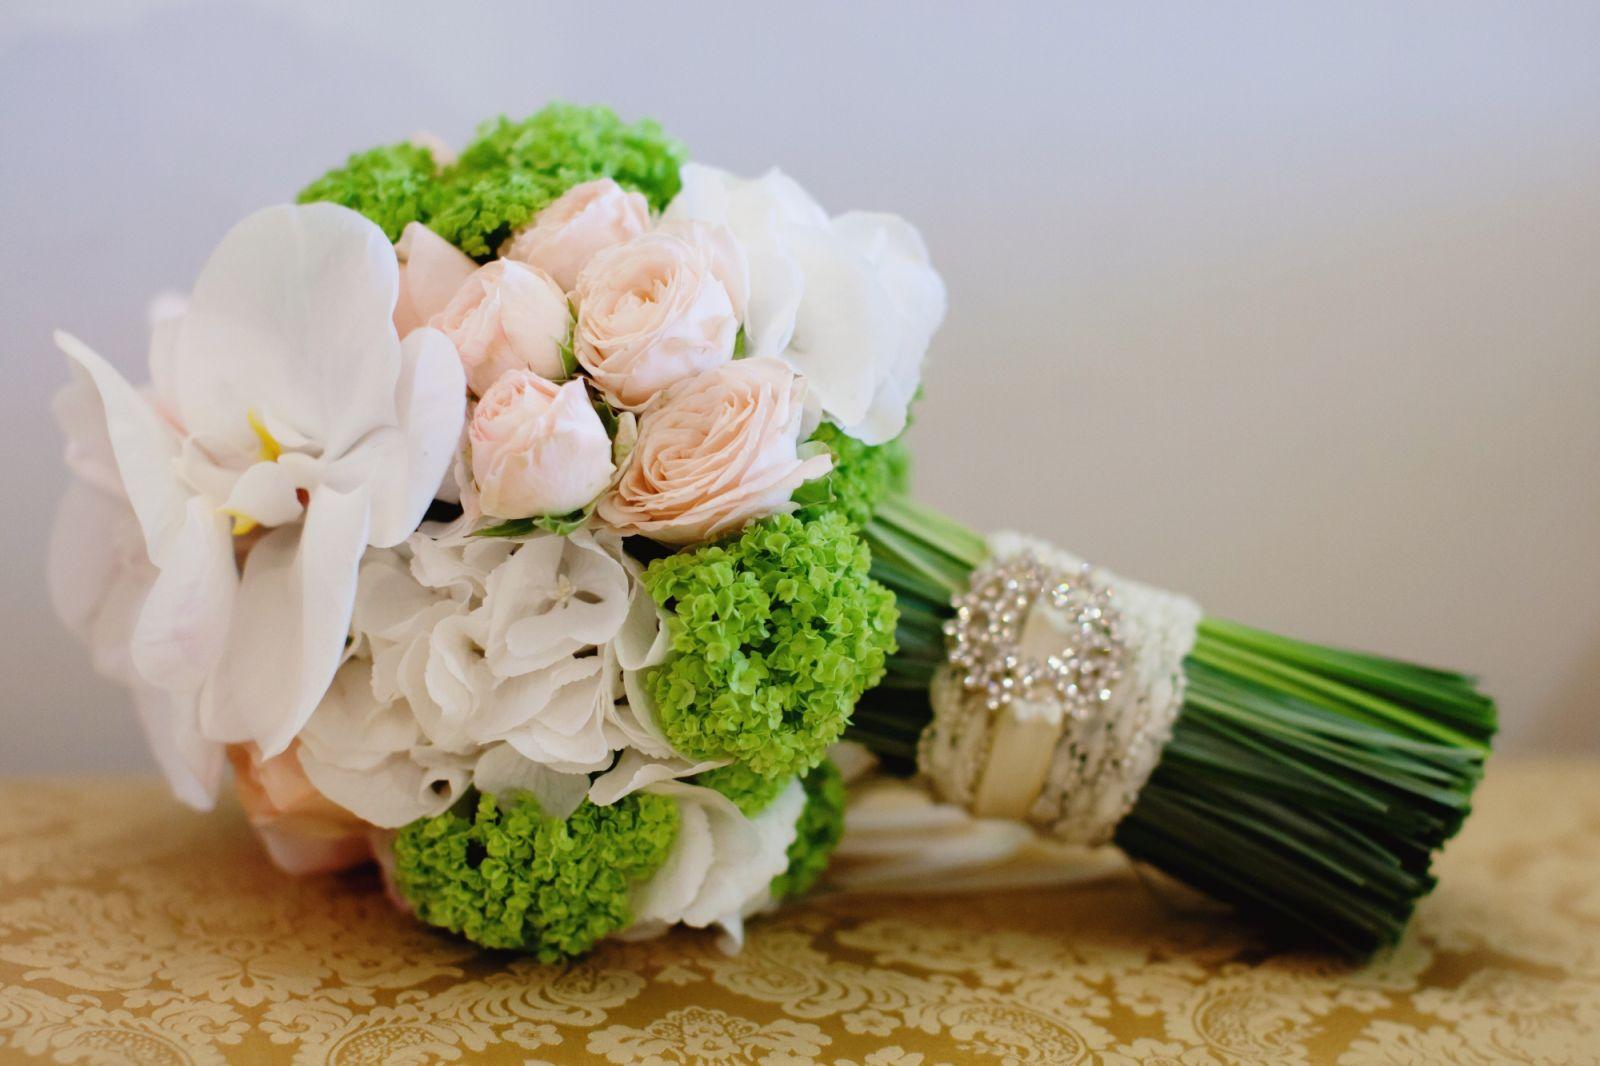 Составление свадьбу букет для невесте фото, полевых